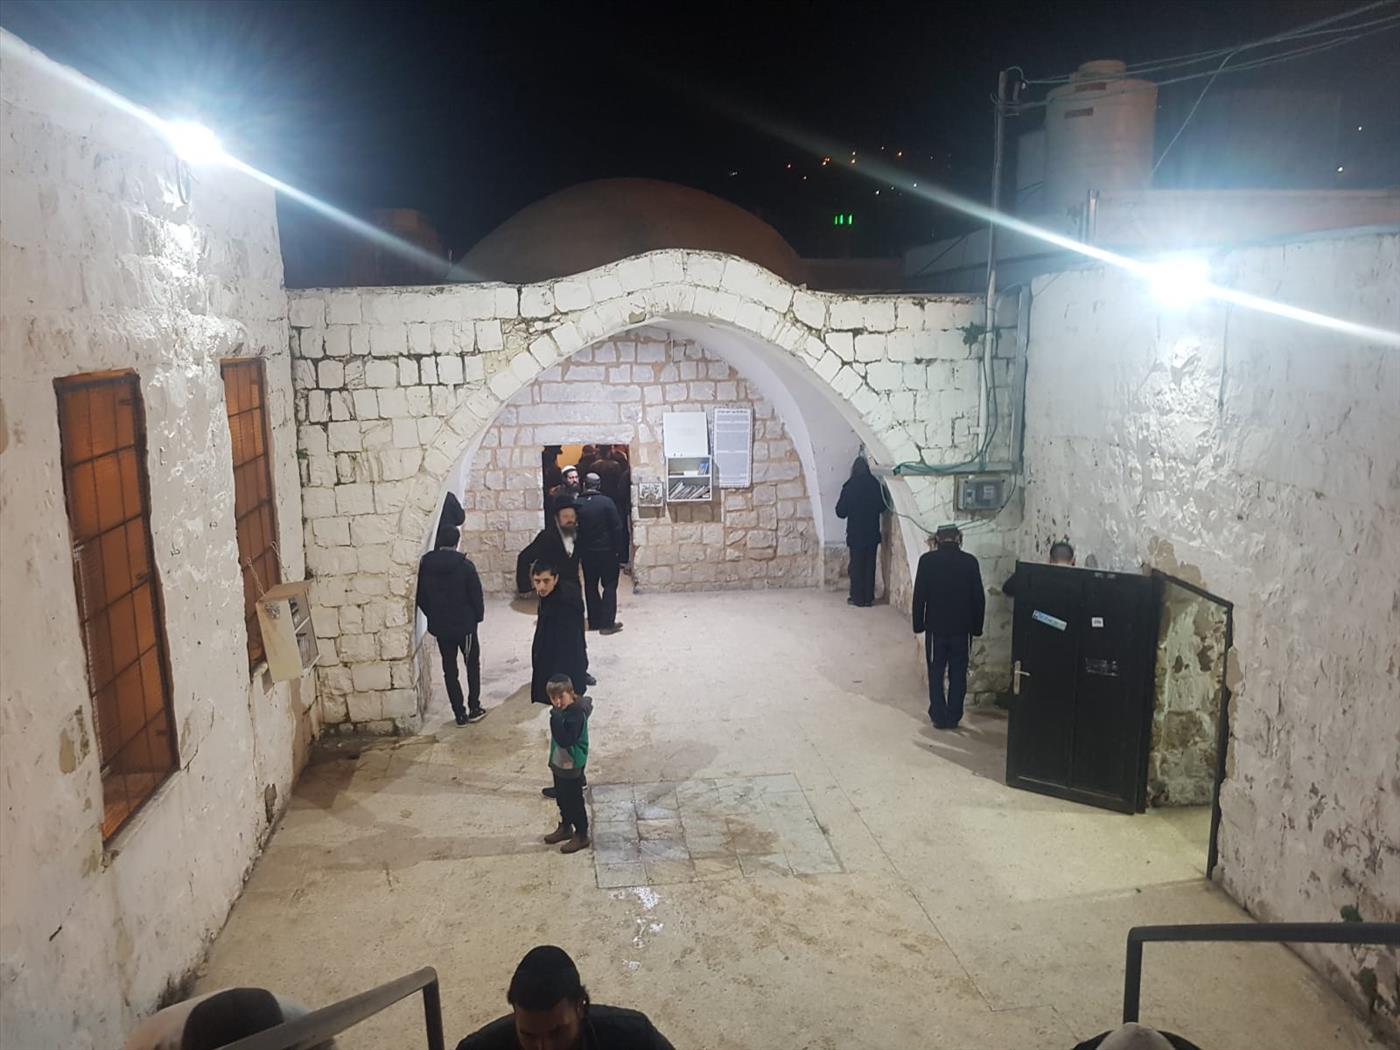 קבר יוסף ארכיון (מנהלת קבר יוסף)